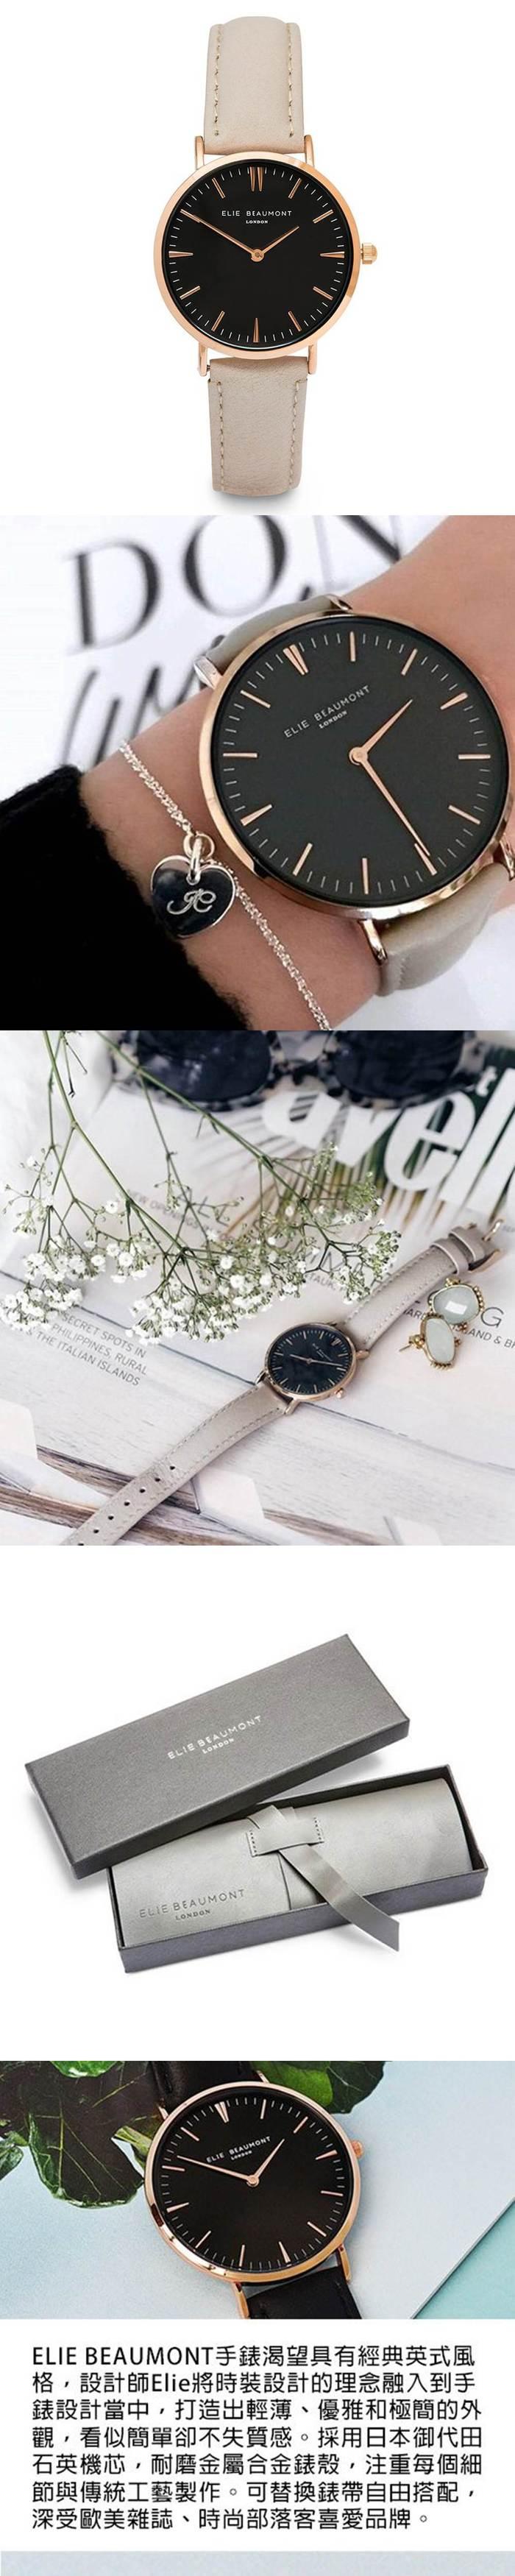 (複製)Elie Beaumont 英國時尚手錶 牛津系列 黑錶盤皮革錶帶x玫瑰金錶框38mm